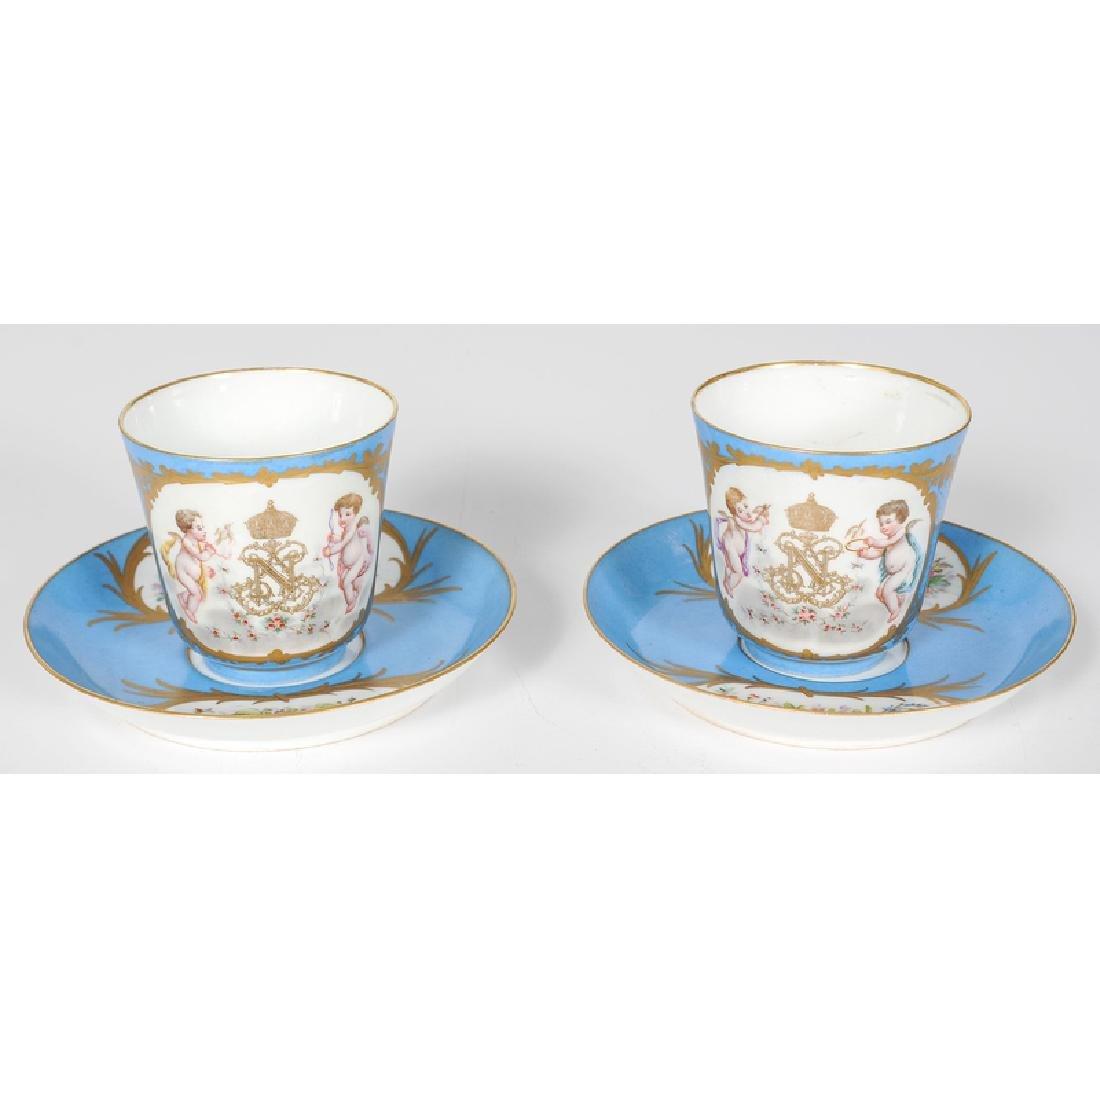 Sèvres Porcelain Cup and Saucer Set